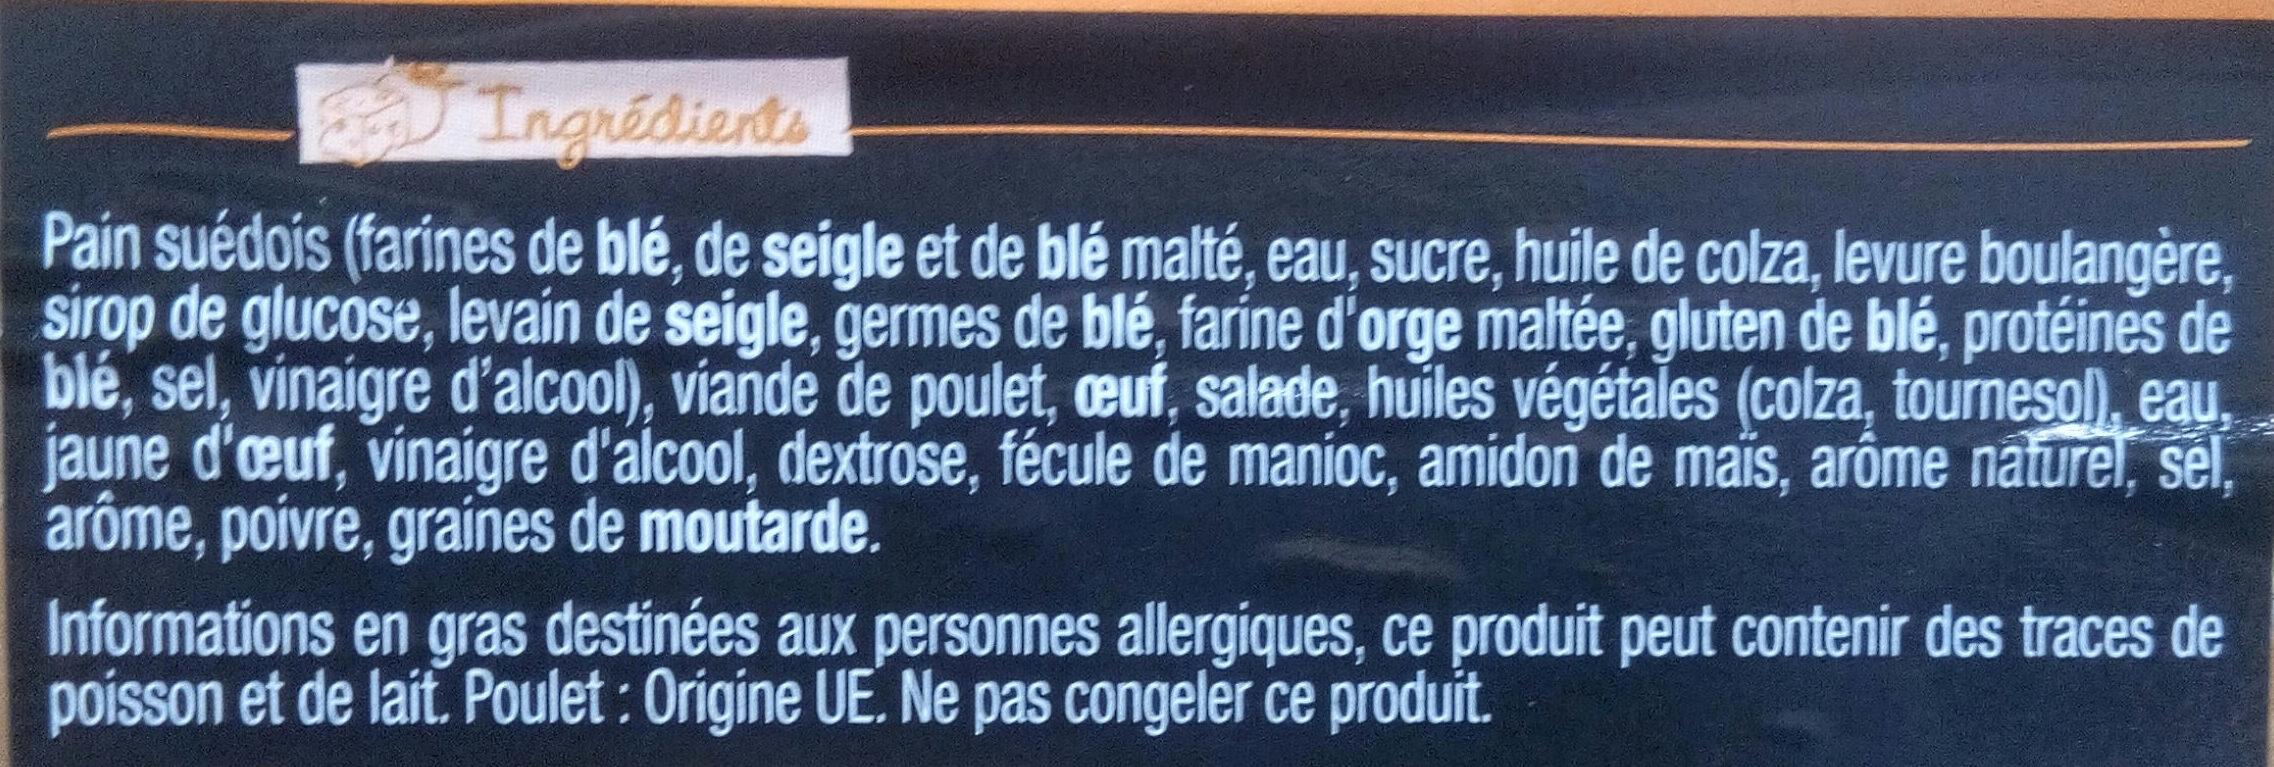 Sandwich Le Méga - Club - Poulet rôti Oeuf x3 / pain suédois - Ingredientes